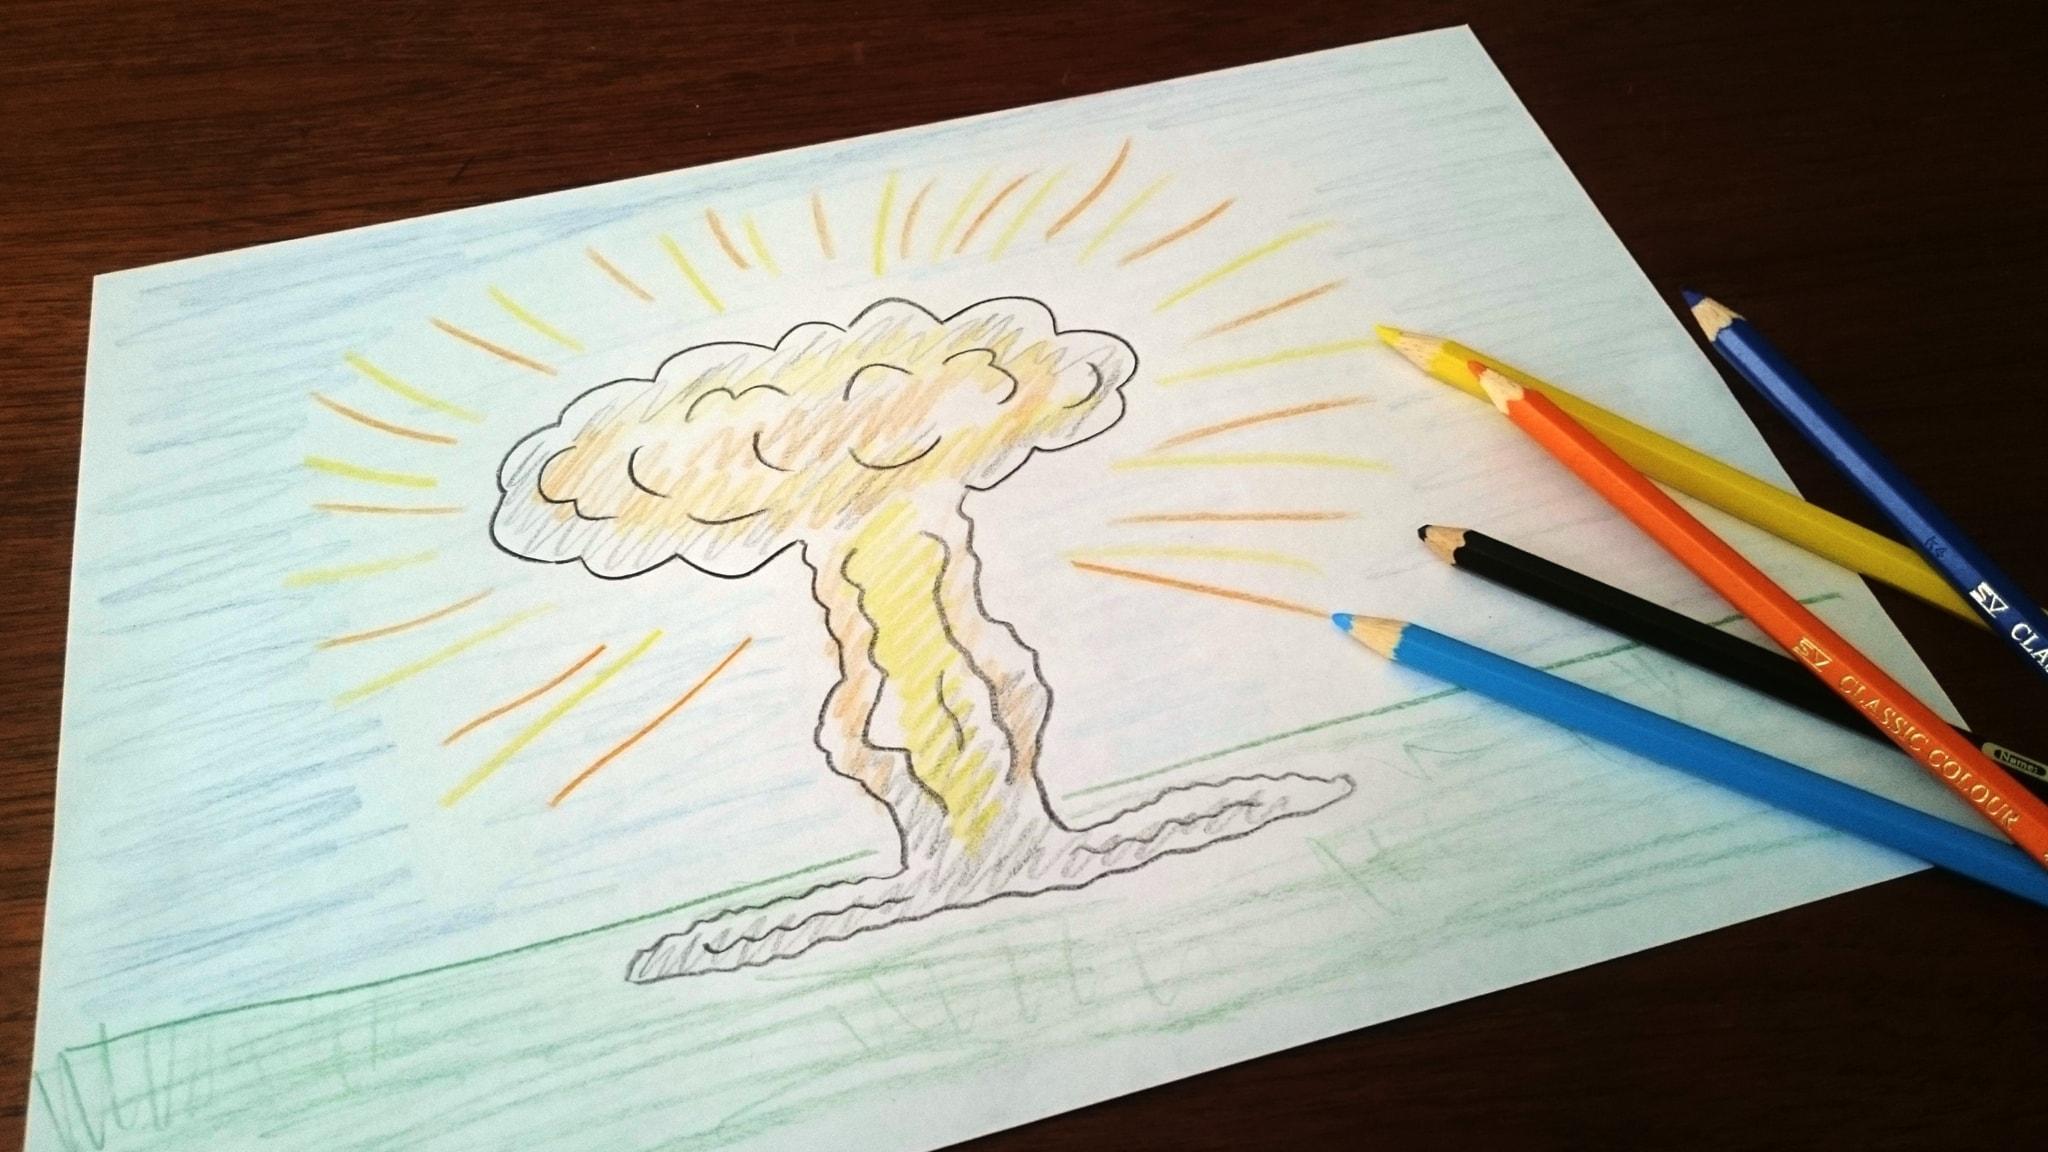 Om atomskräcken - spela